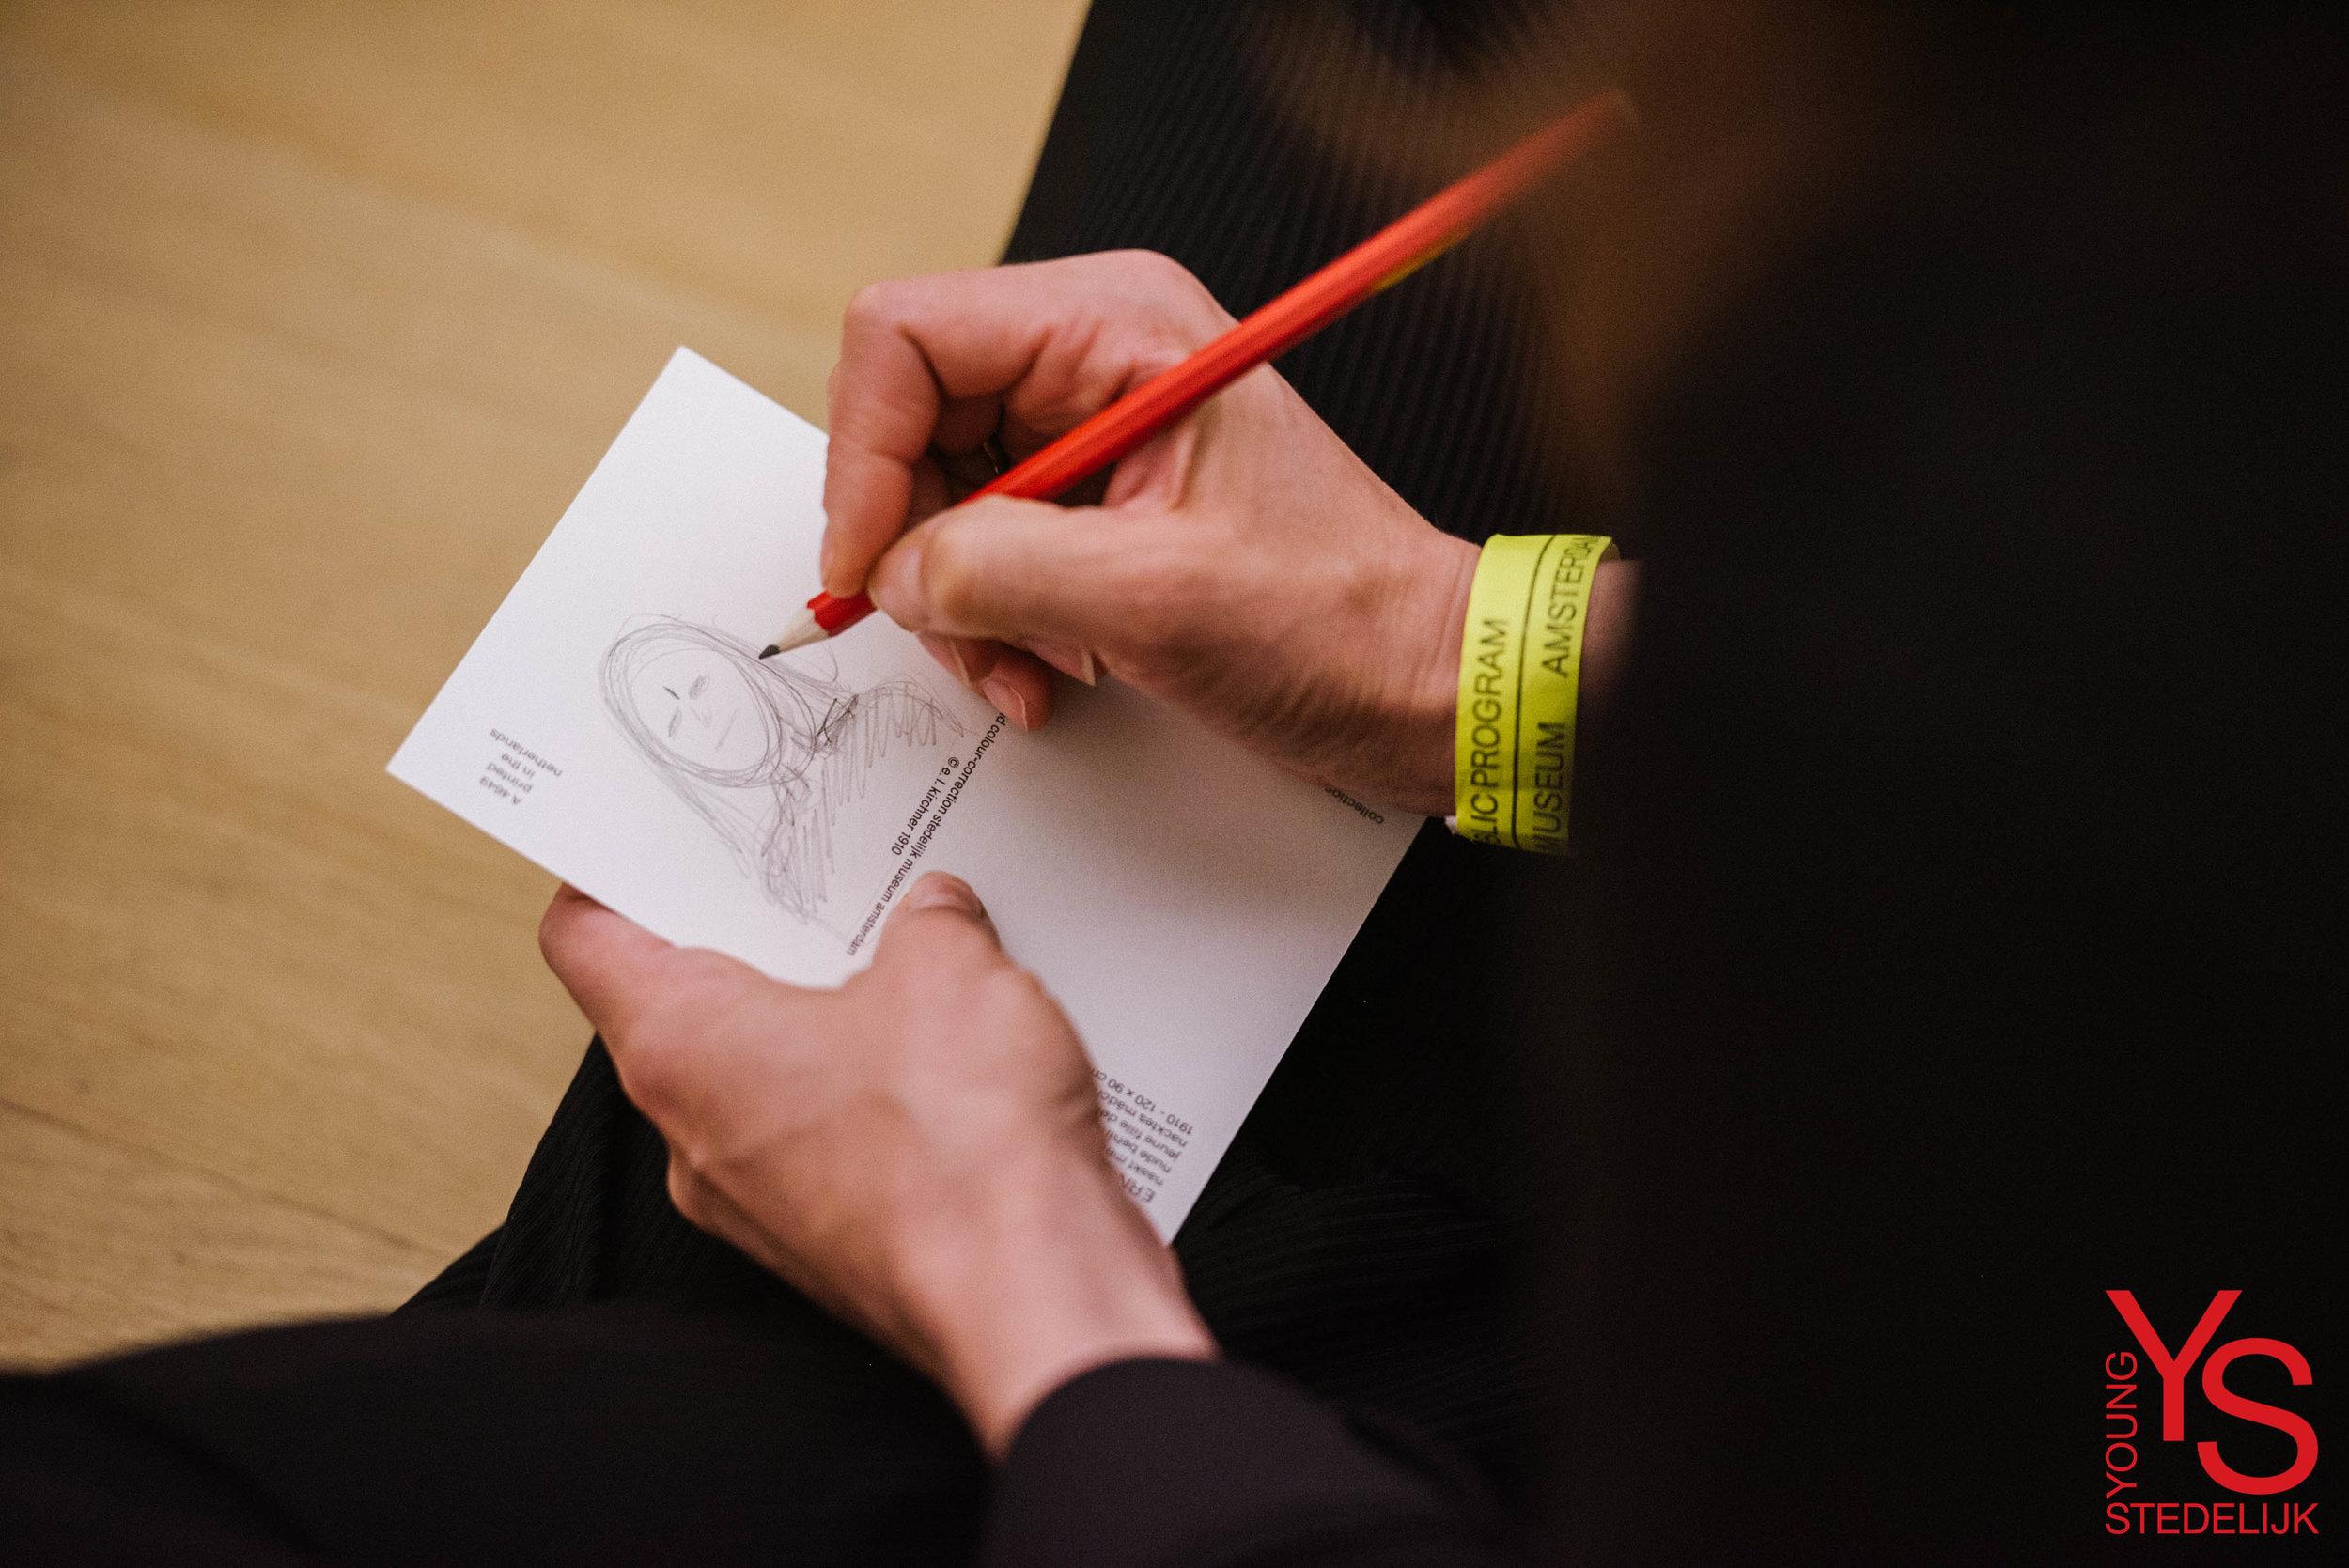 StedelijkMuseum_TheBreakfast_NooijPhotography_logo-165.jpg